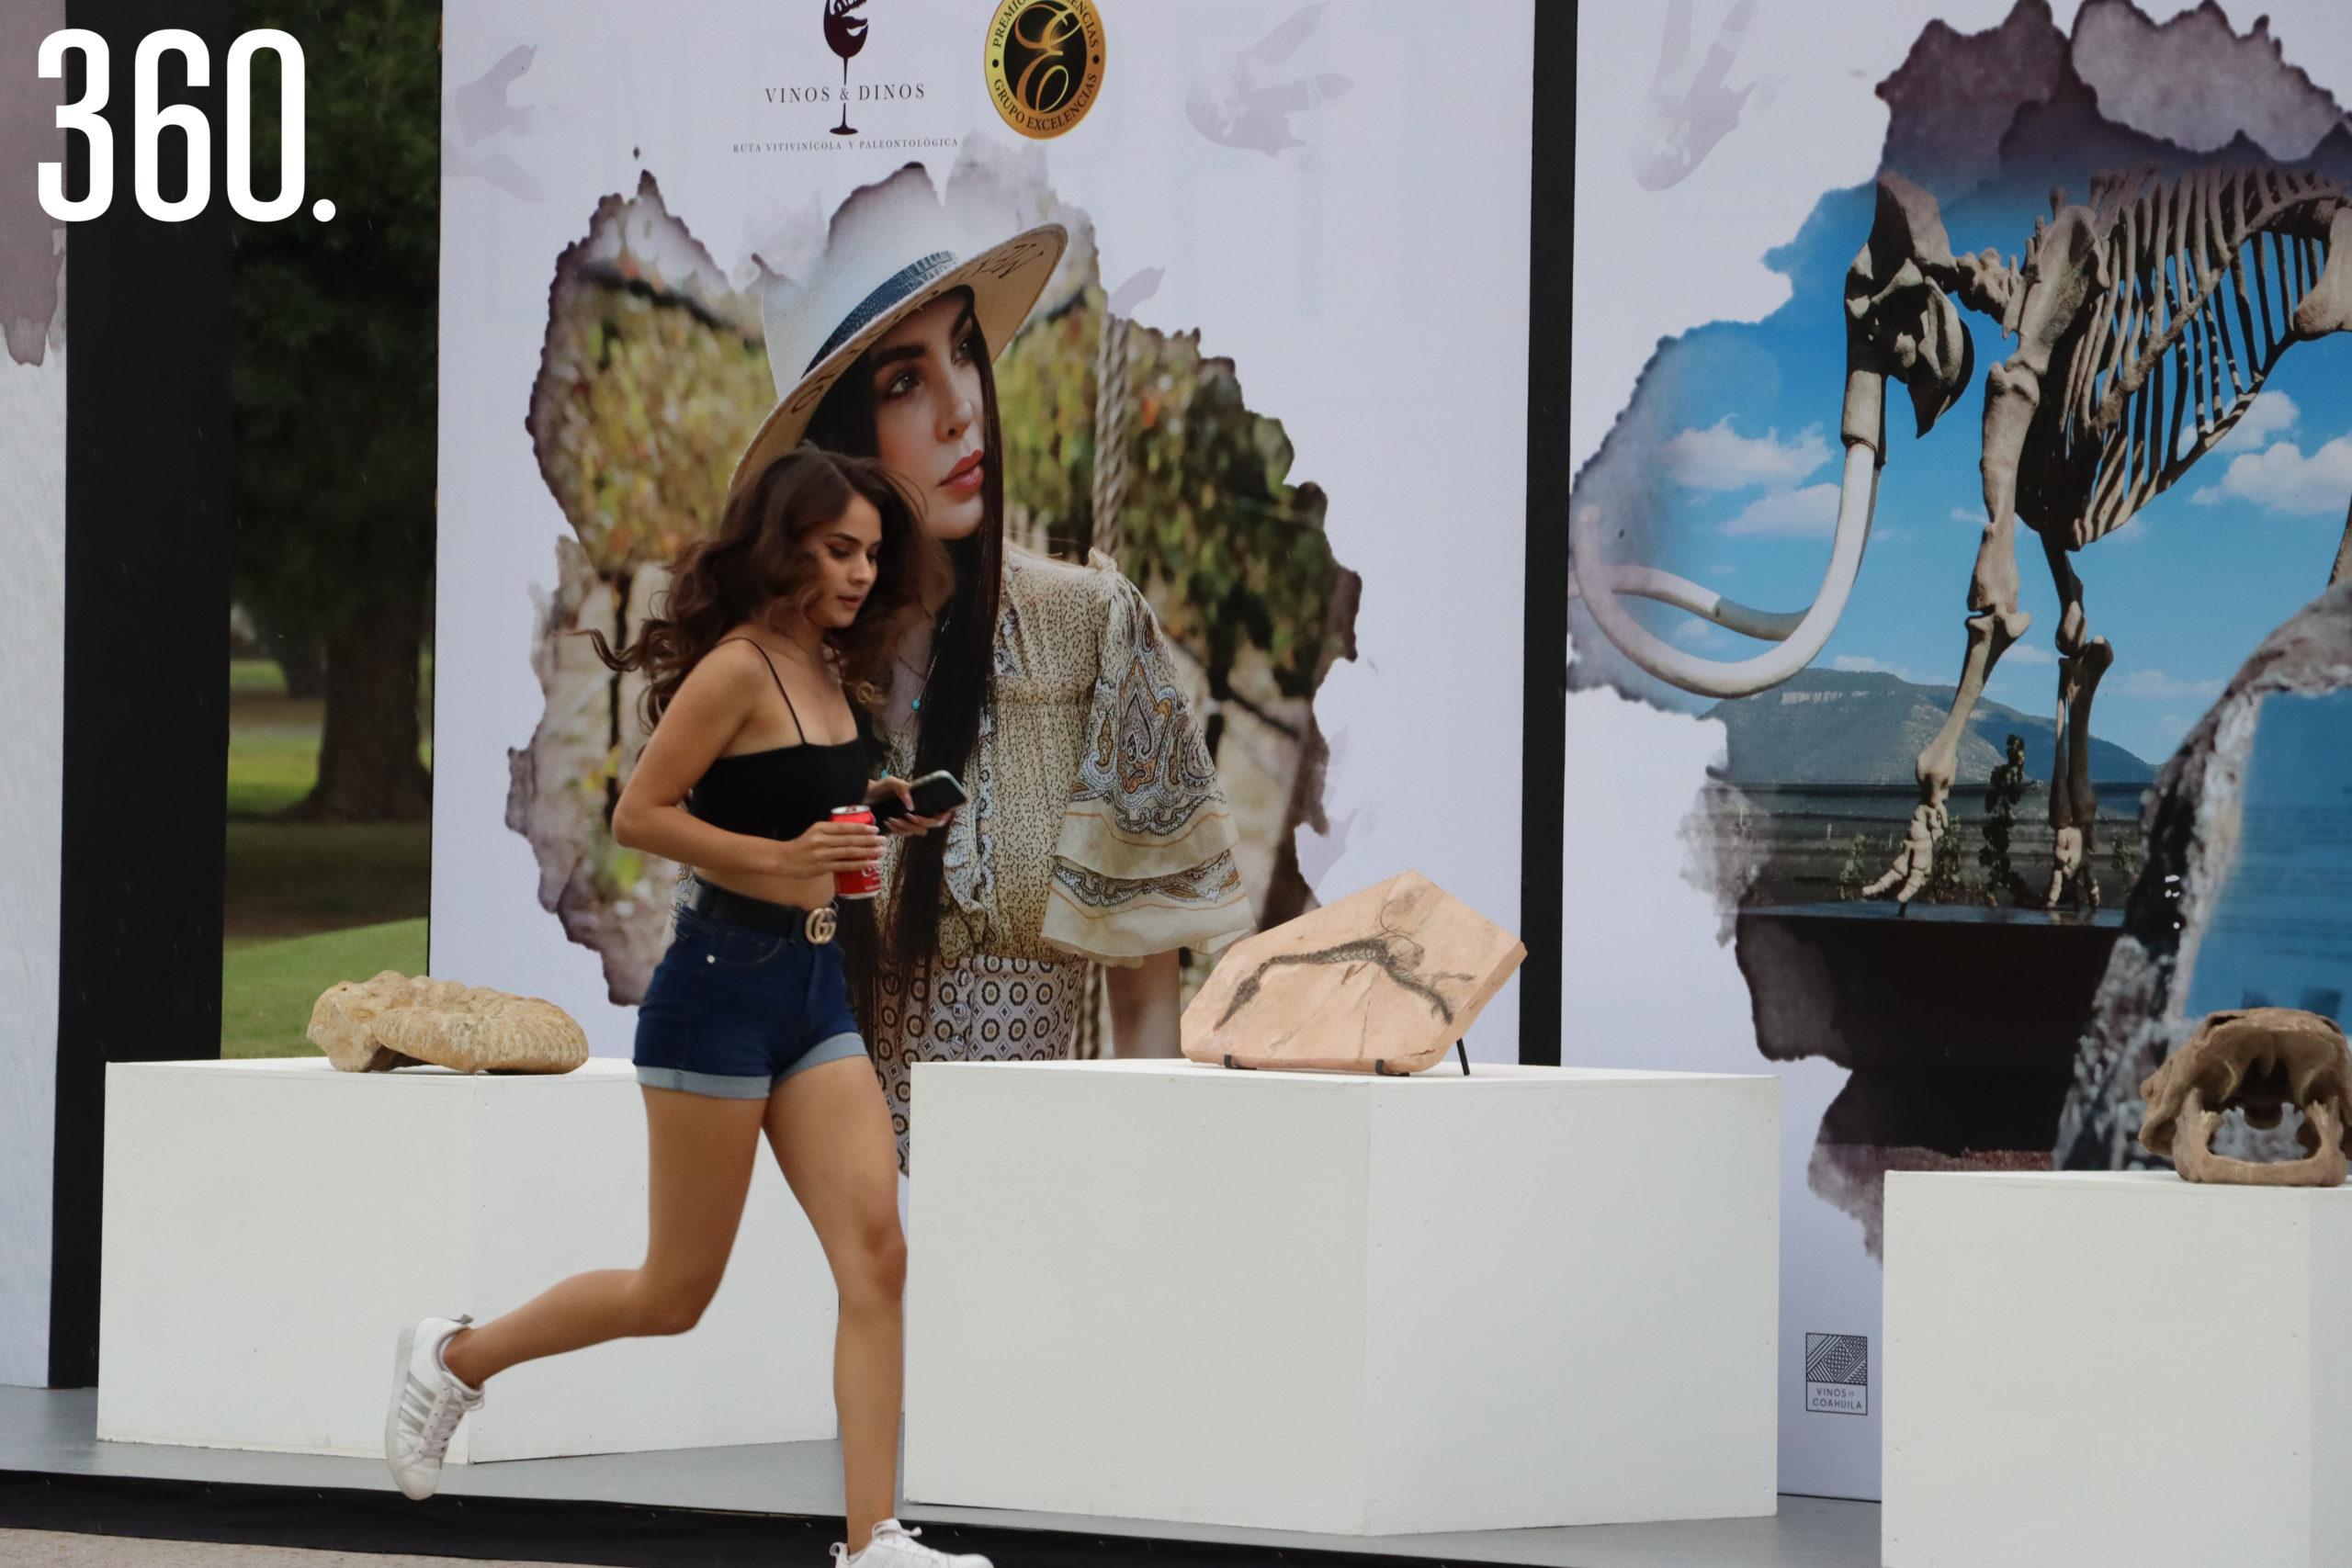 Exposición de la Ruta Vinos y Dinos.